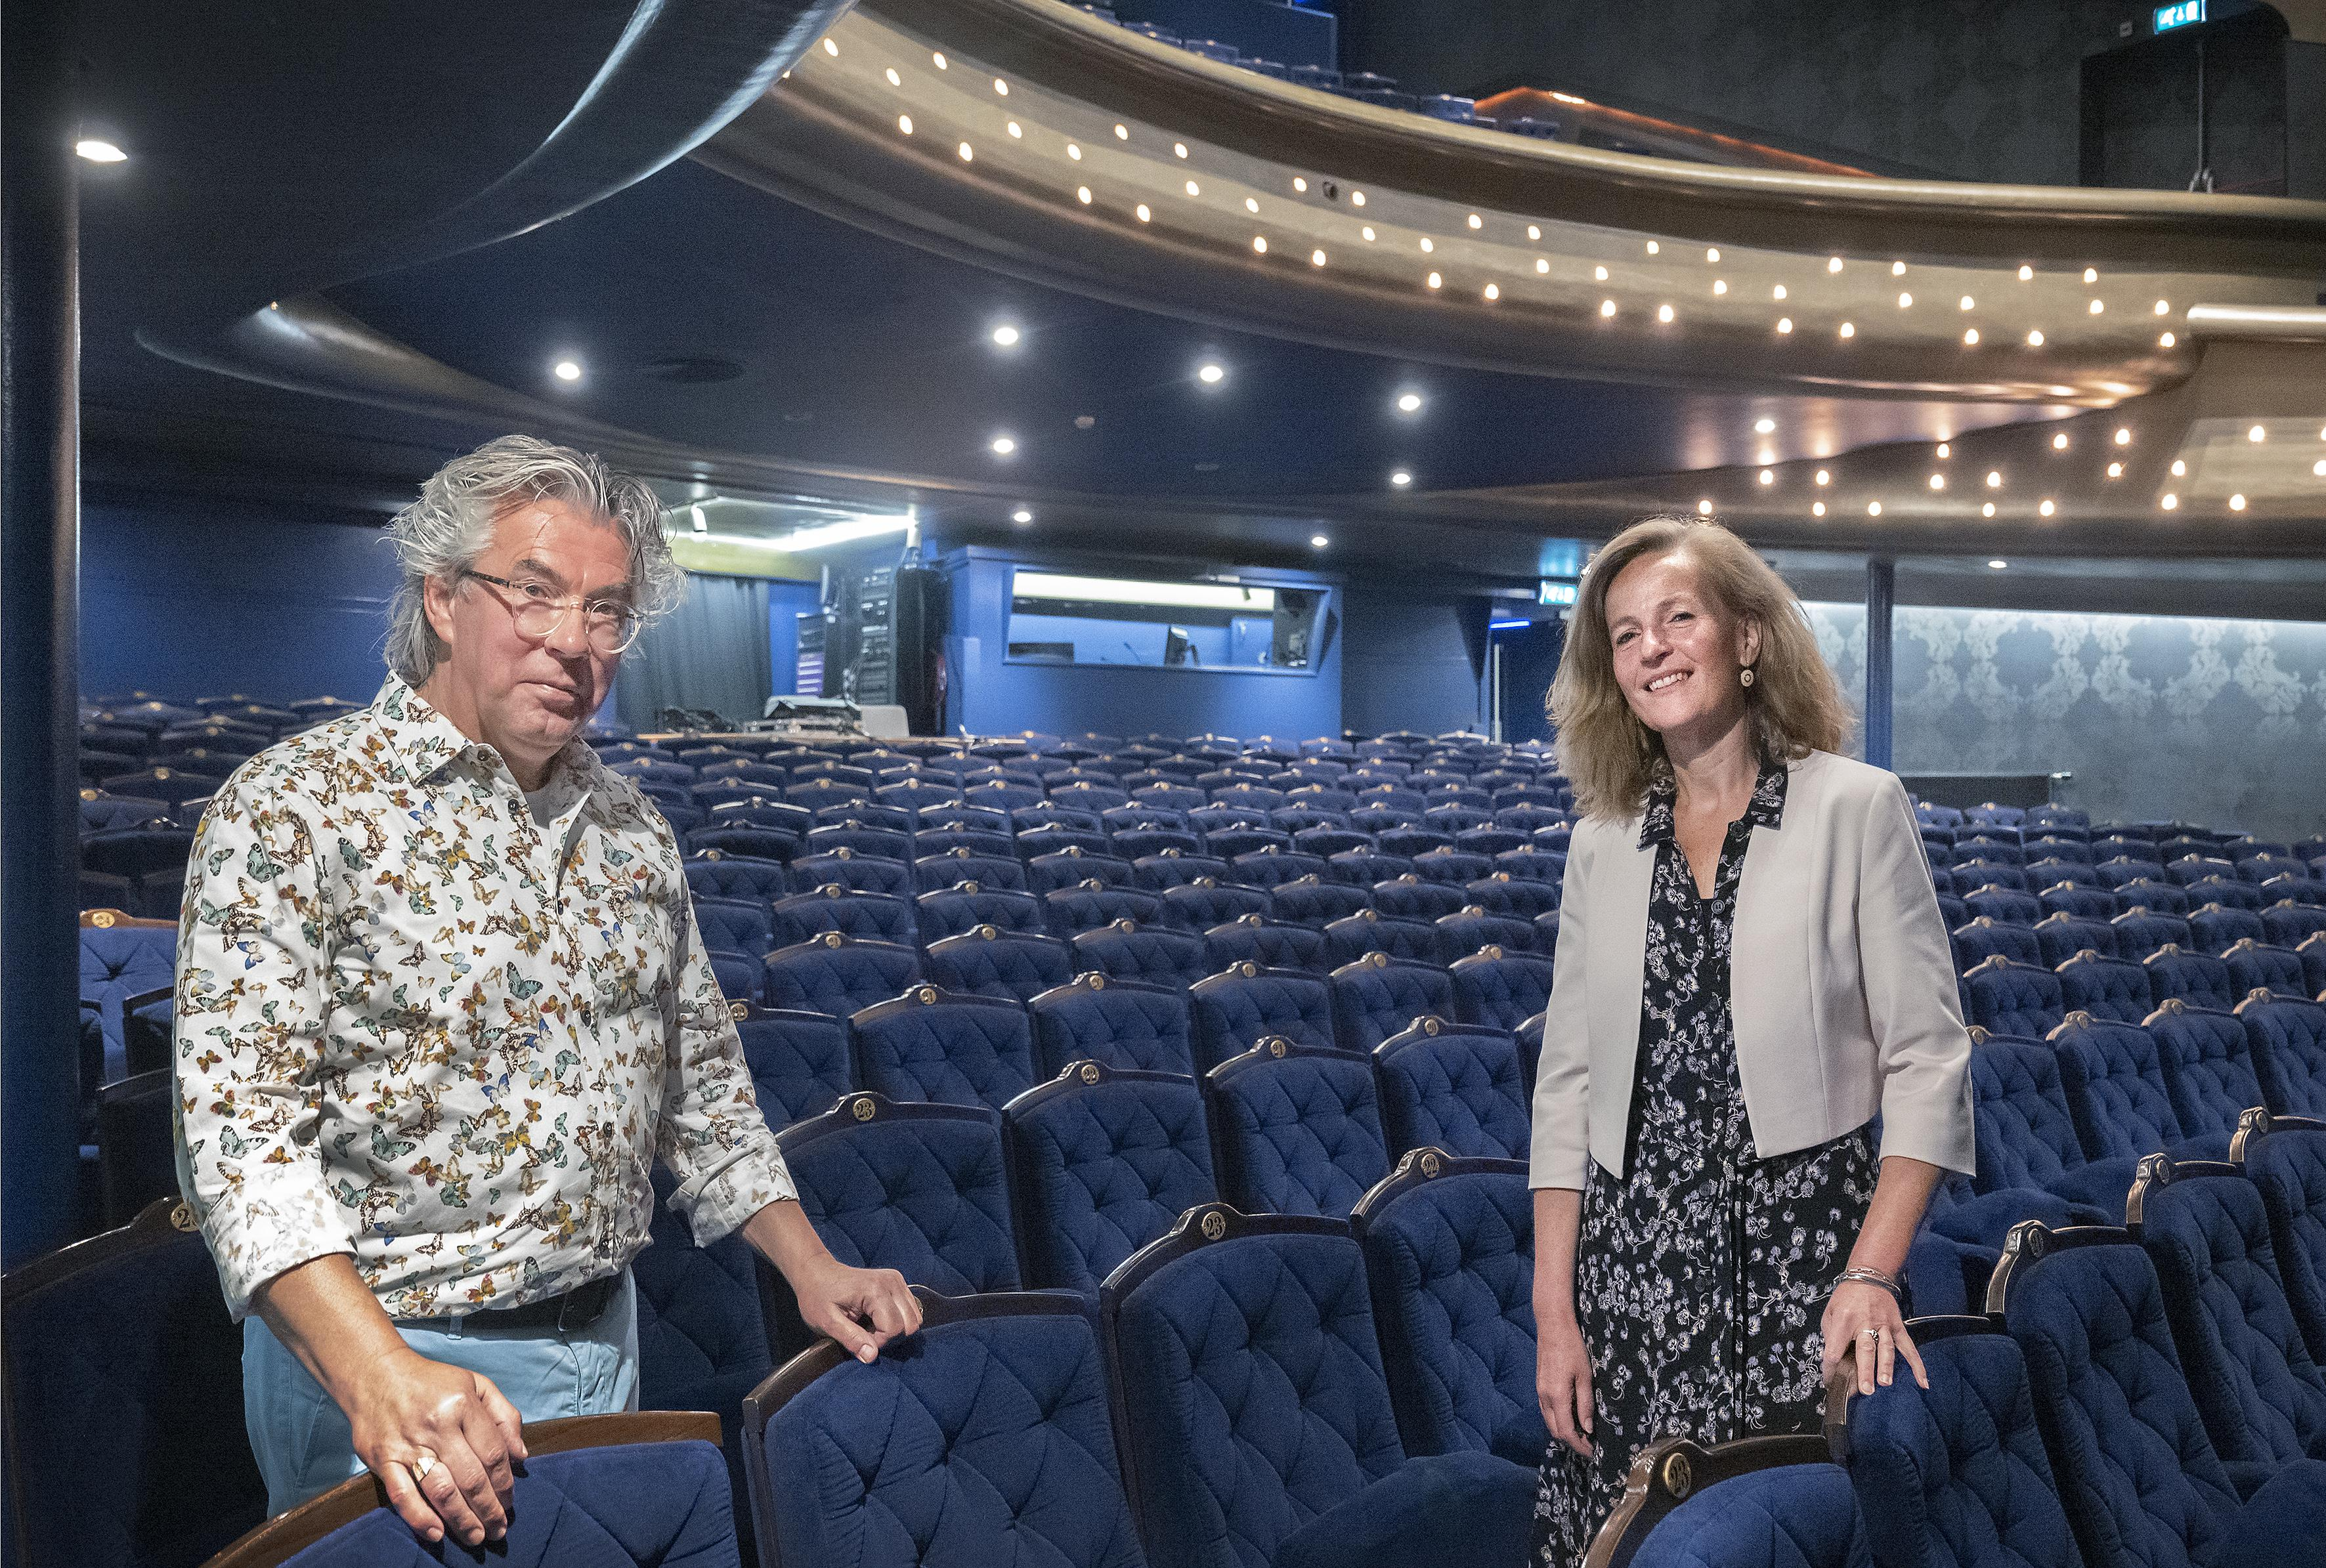 'Velsen fietst naar de film' in de stadsschouwburg: 'Dit is het moment om film terug te brengen in het theater waar het ooit begon' [video]